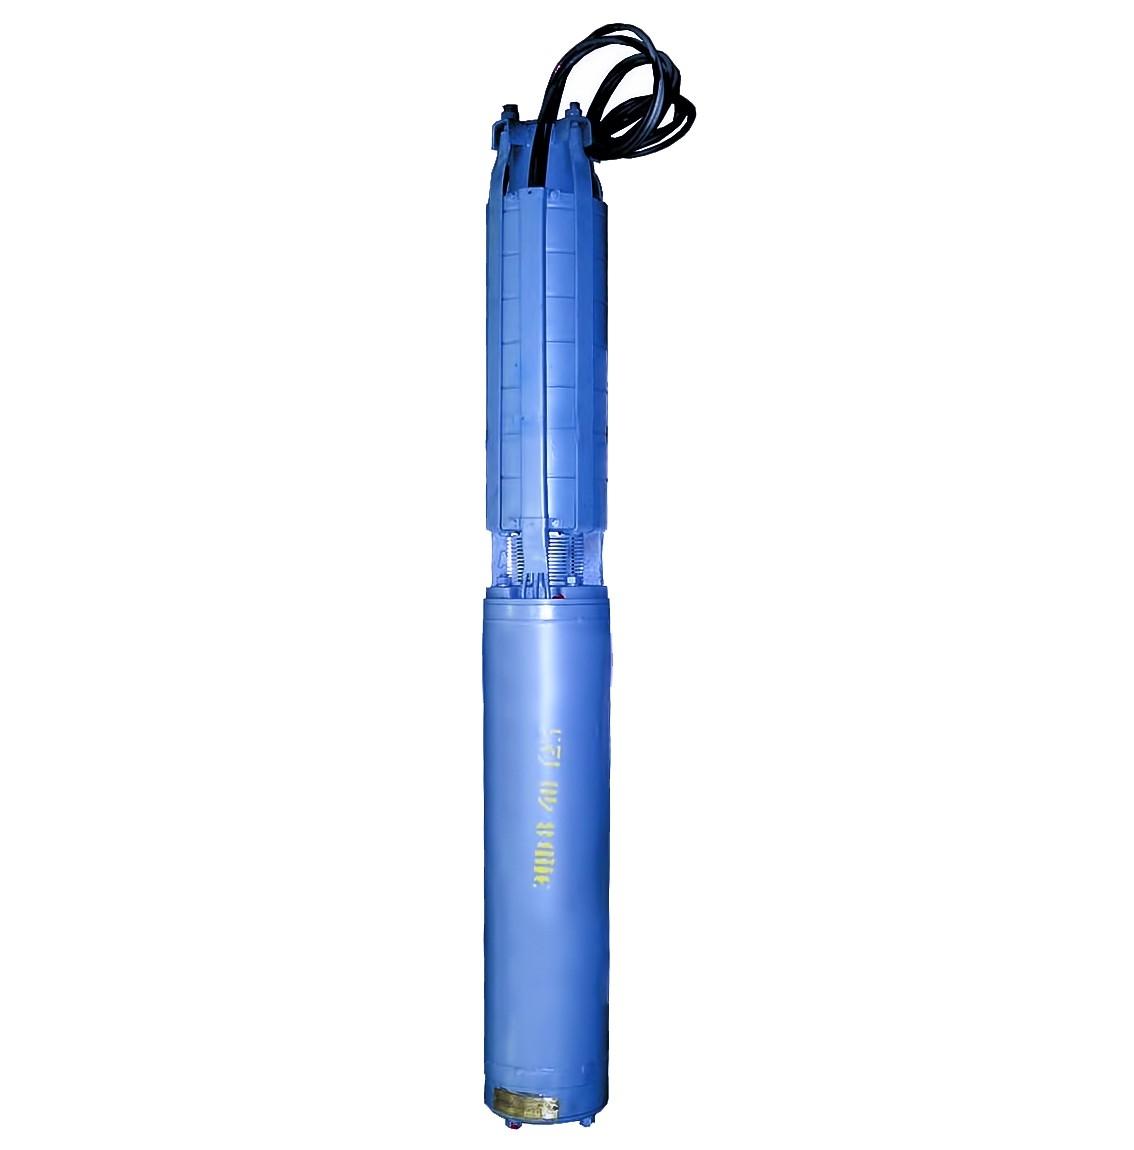 Погружной насос ЭЦВ 10-65-150 нрк